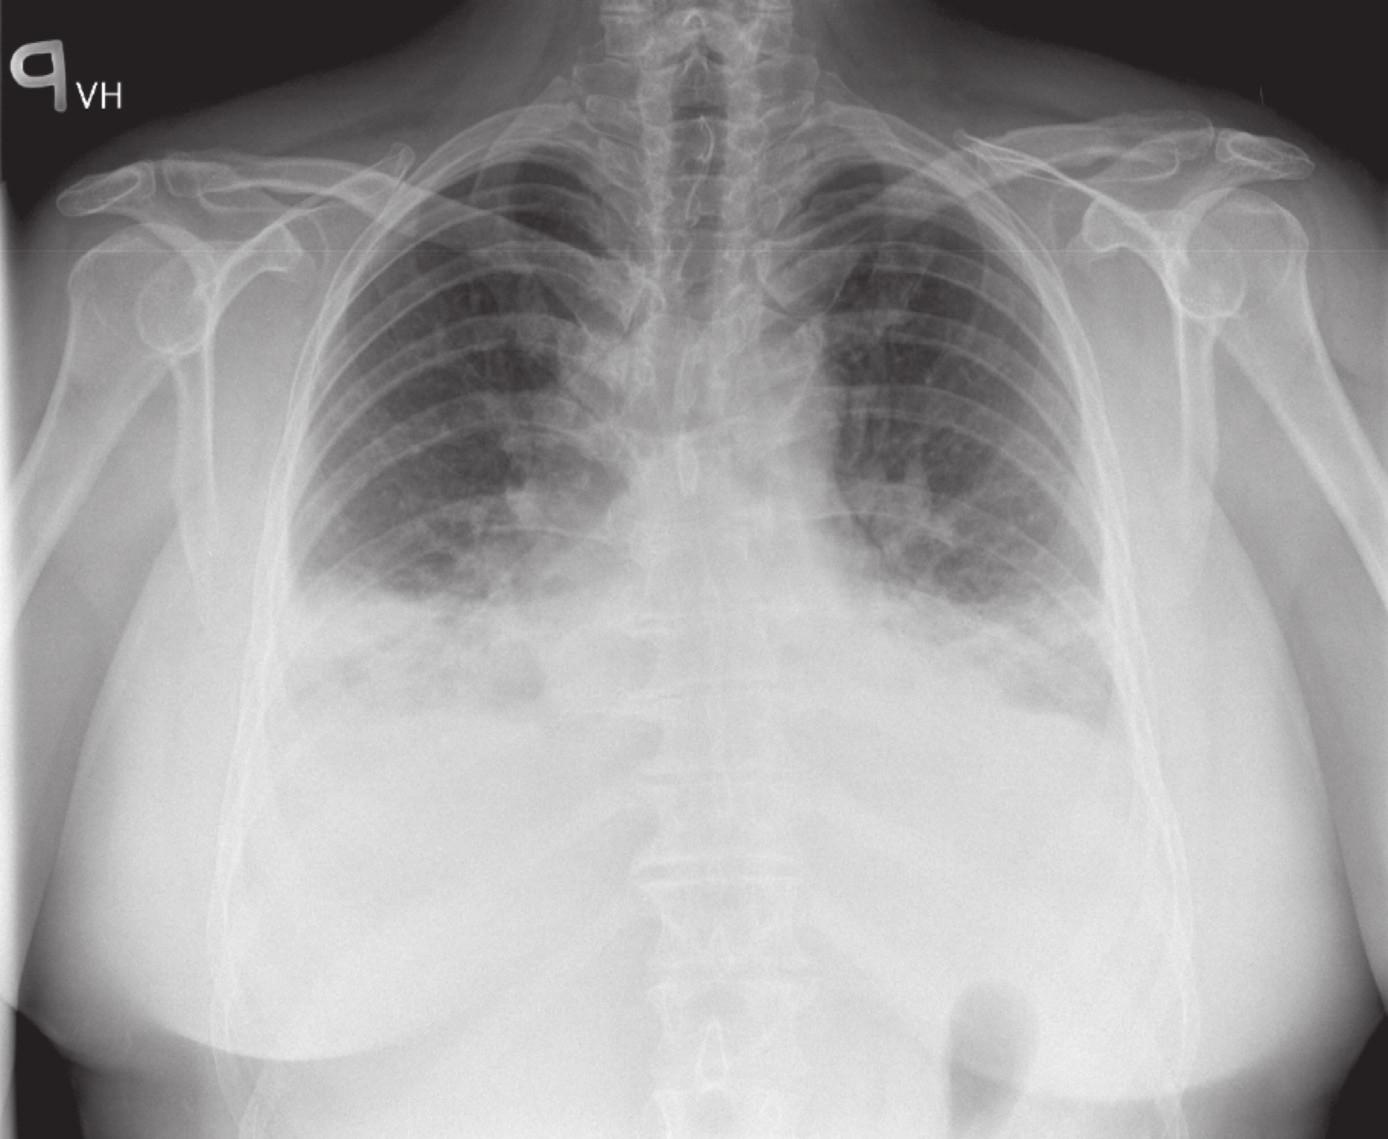 RTG srdce a plic: fluidotoraxy bilaterálně.